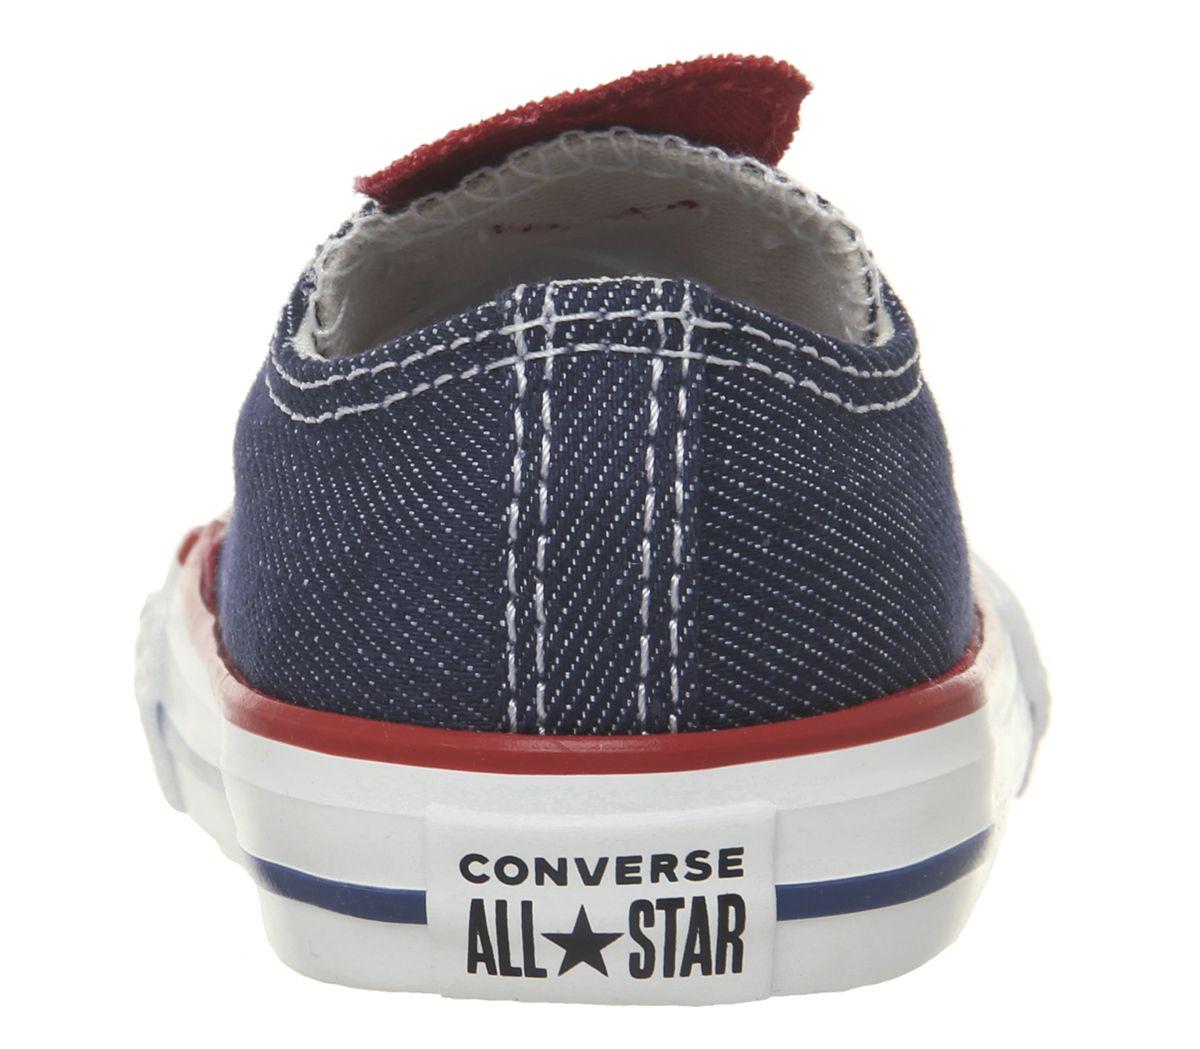 5cc7286eaf70c Enfants Converse Allstar Basse Baskets Enfant Jean Emamel Coeur ...